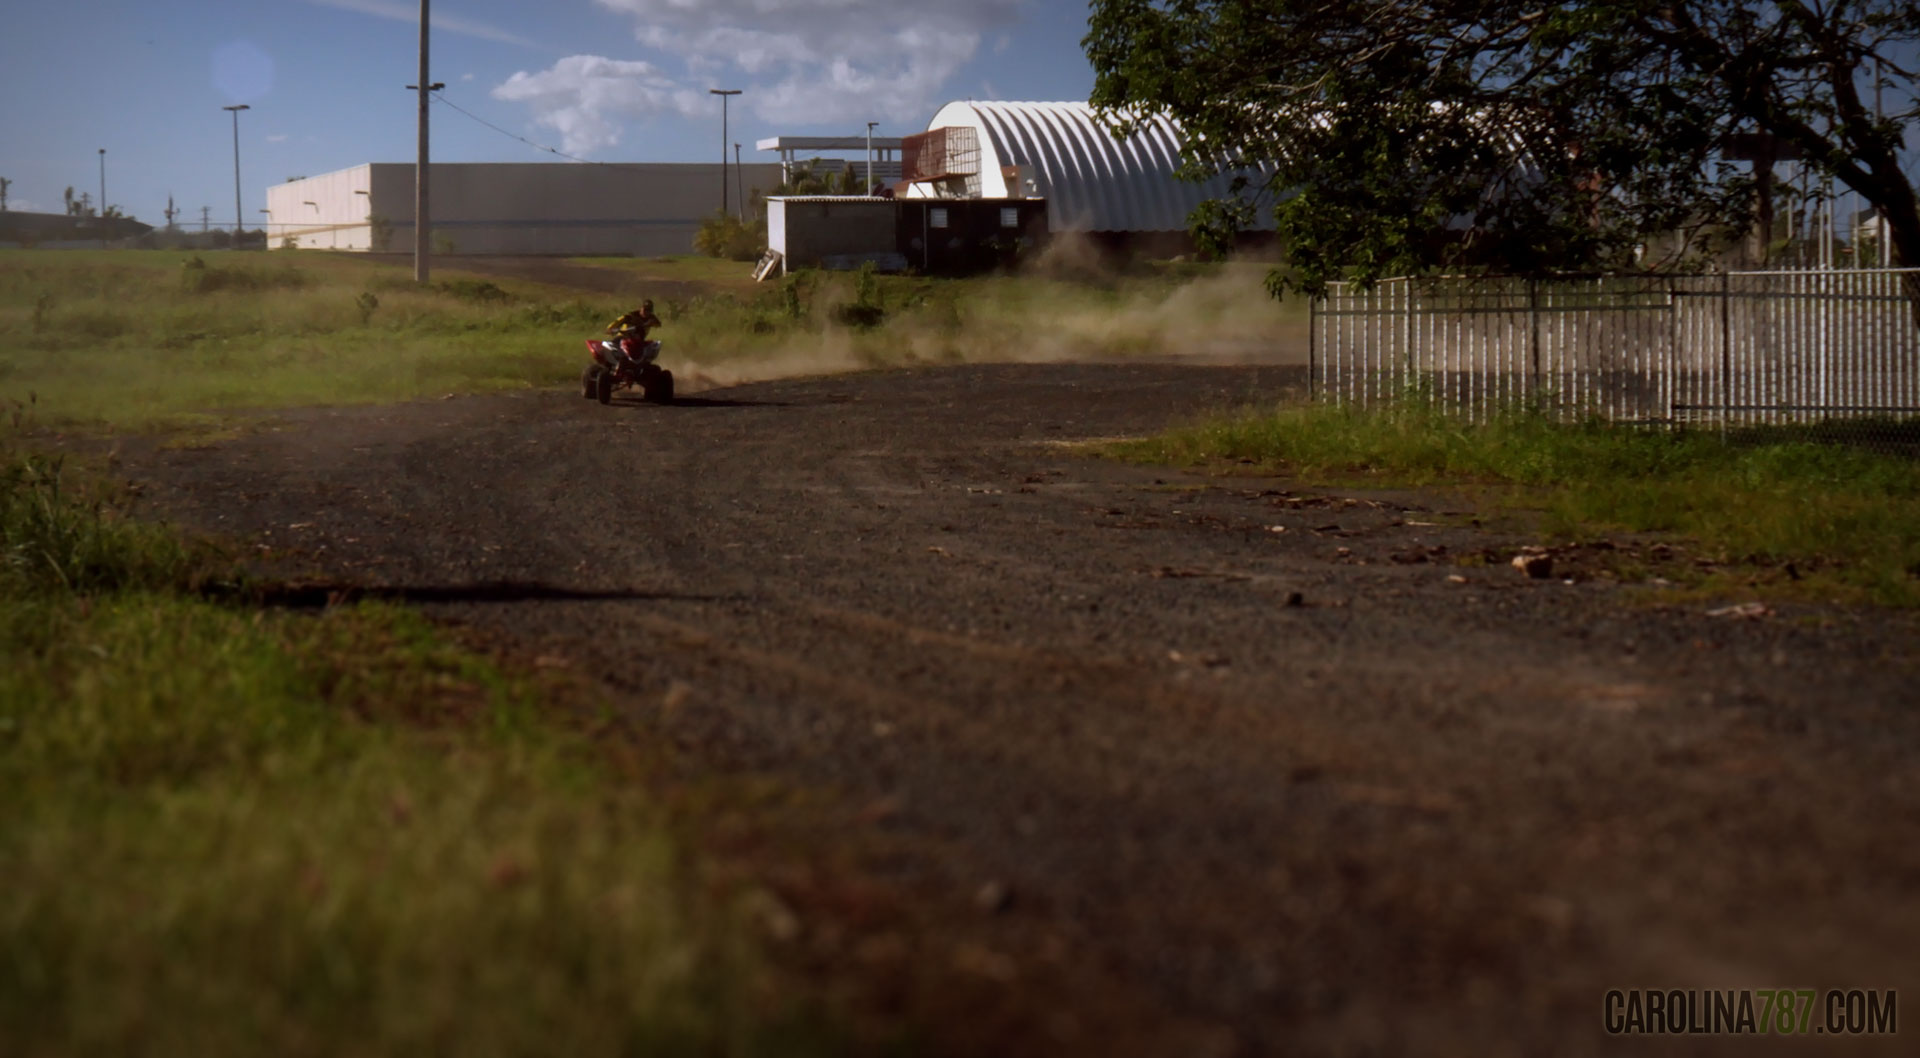 """Persona corriendo """"Four Track"""" en la parte trasera de Walgreens de la Carretera 3 en Carolina, Puerto Rico."""